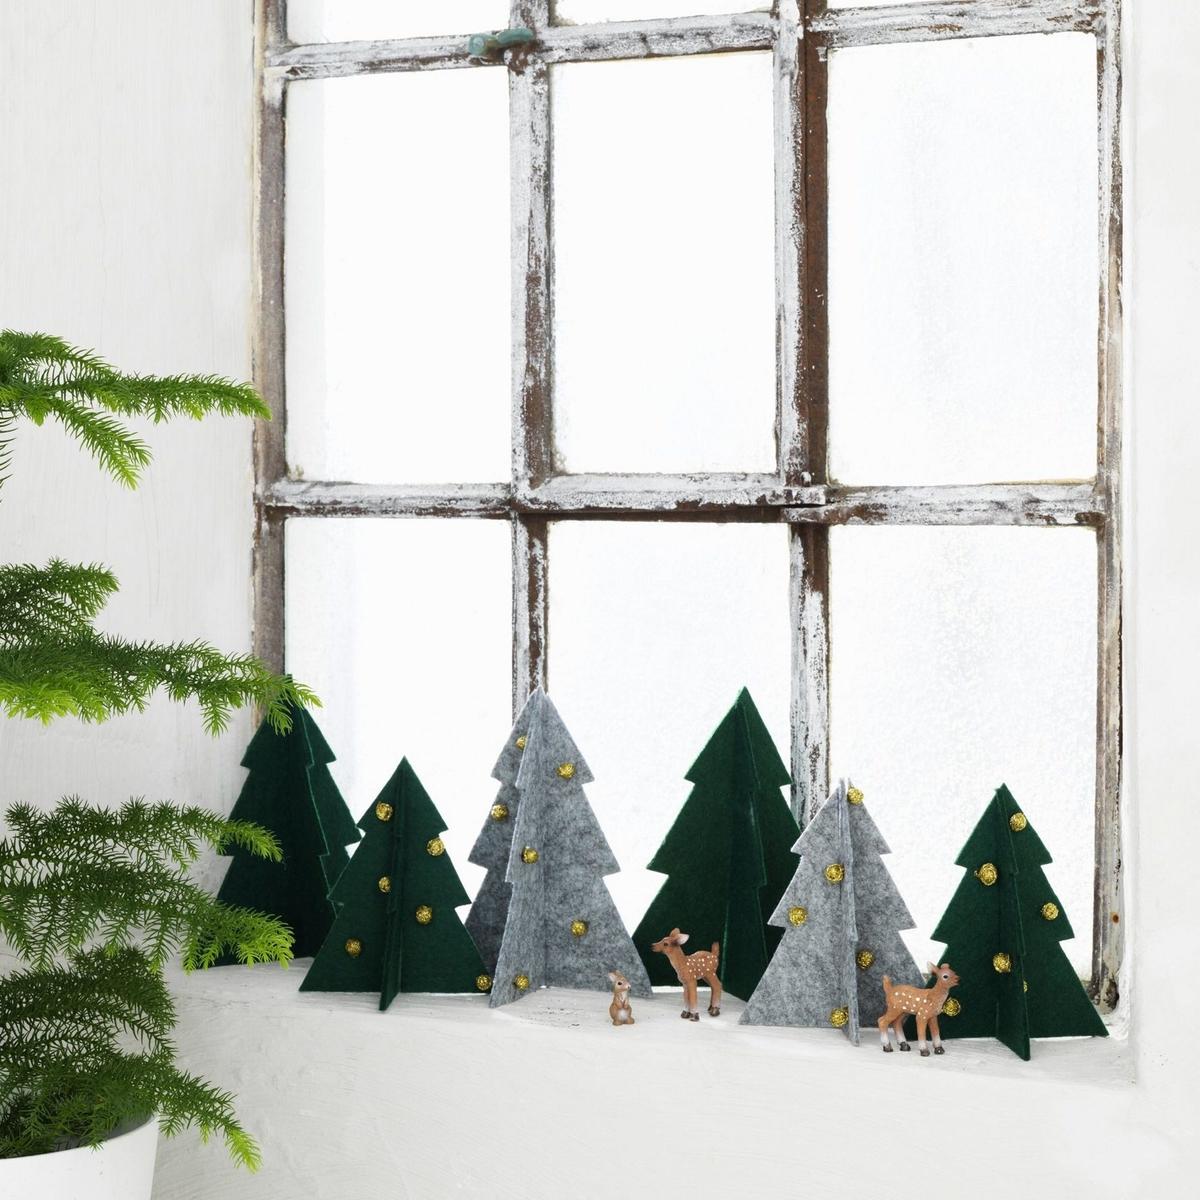 Juletræer af filt